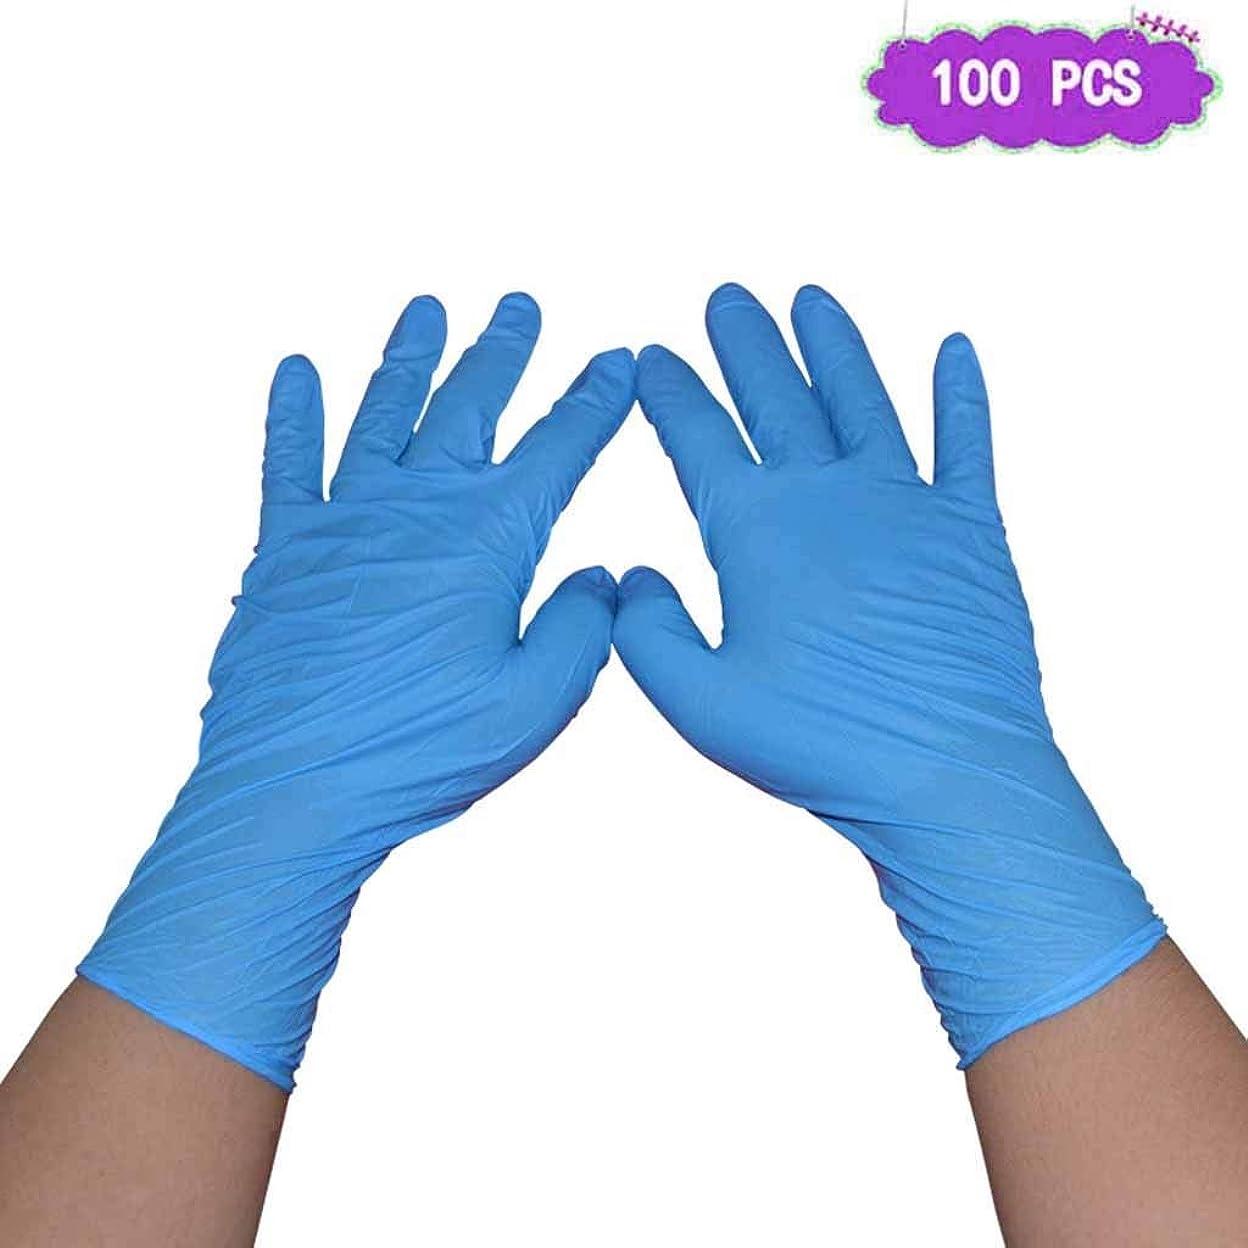 浸漬洞察力想起12インチの長い肥厚ニトリル手袋使い捨て手袋ニトリルラテックス食品試験ゴム義務試験手袋|病院向けのプロフェッショナルグレード (Size : M)